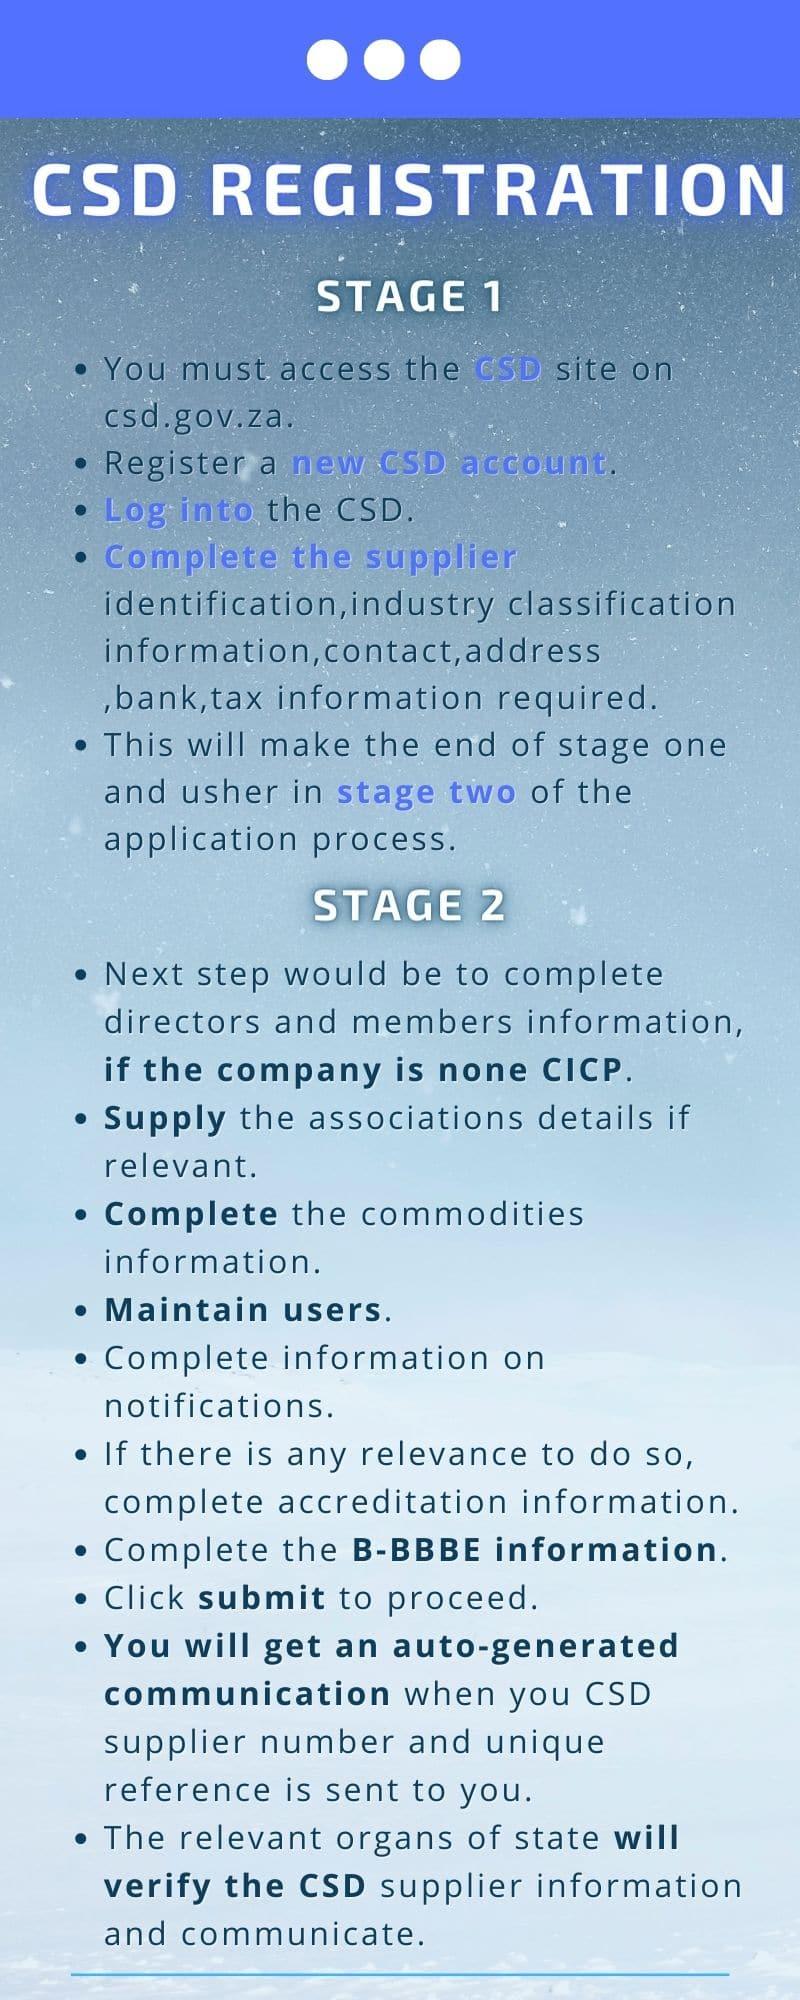 CSD registration